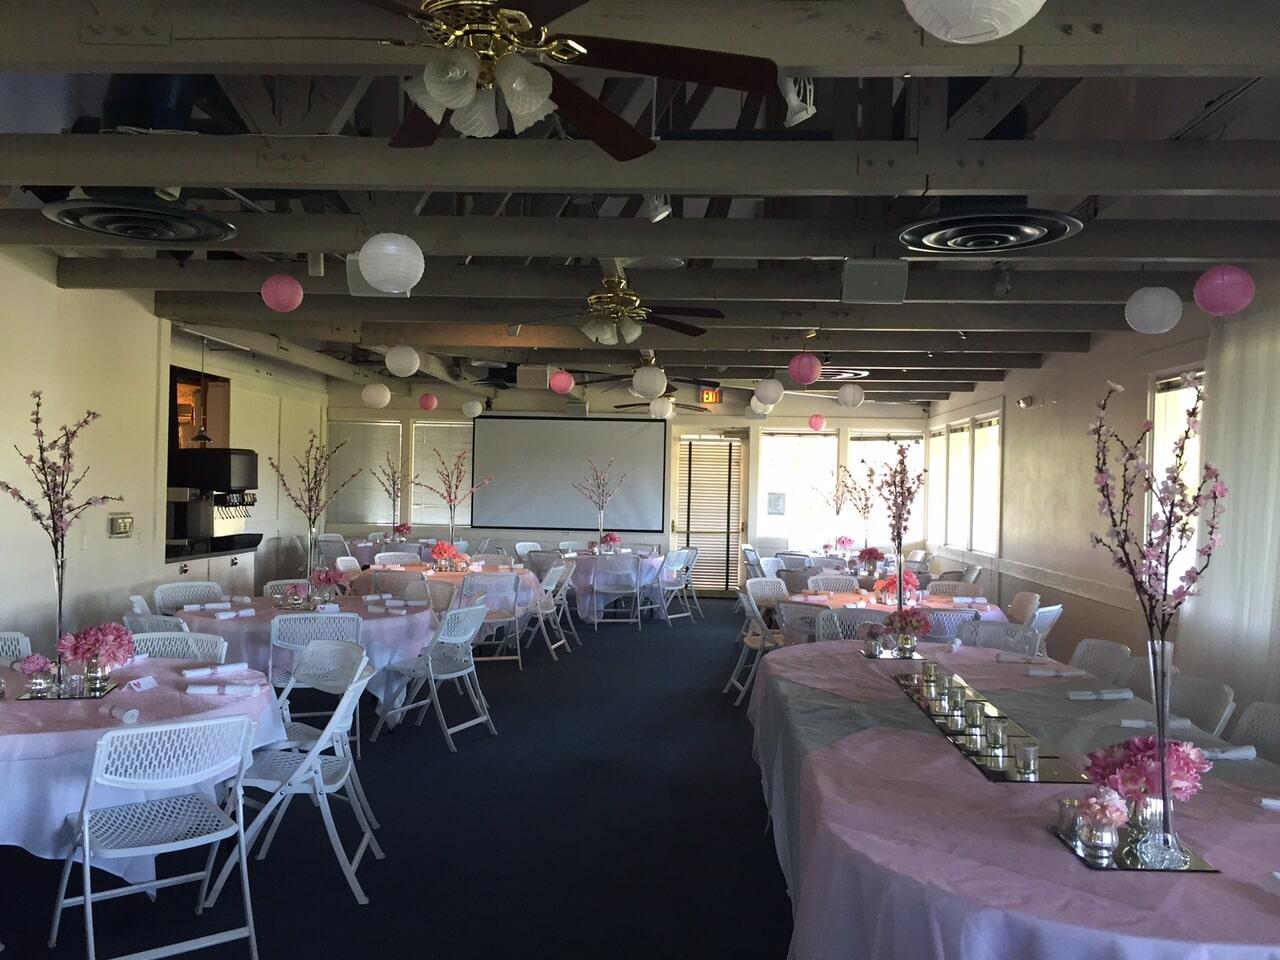 Chez Shari Banquet Facility image 1